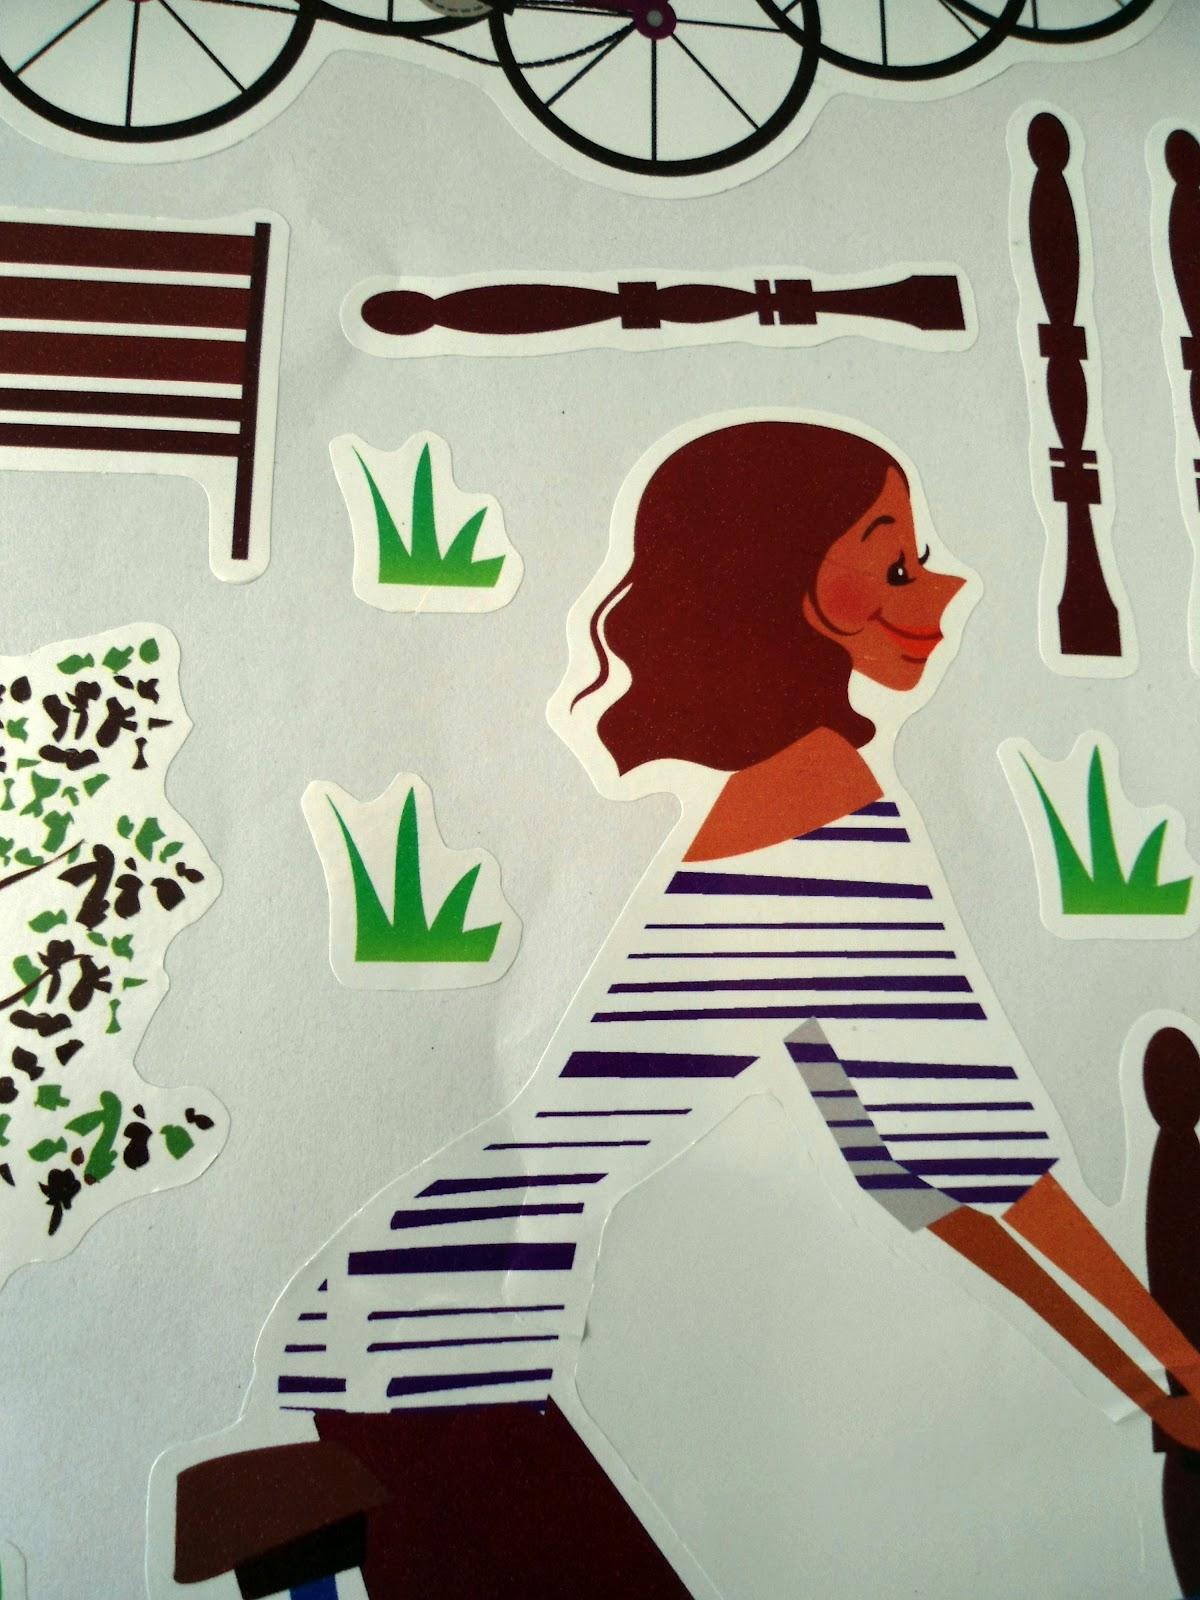 http://3.bp.blogspot.com/-KdjG_PxJQw8/T14C8bhjFKI/AAAAAAAAA0k/hlknc_B8rLc/s1600/faux+wallpaper+7.JPG